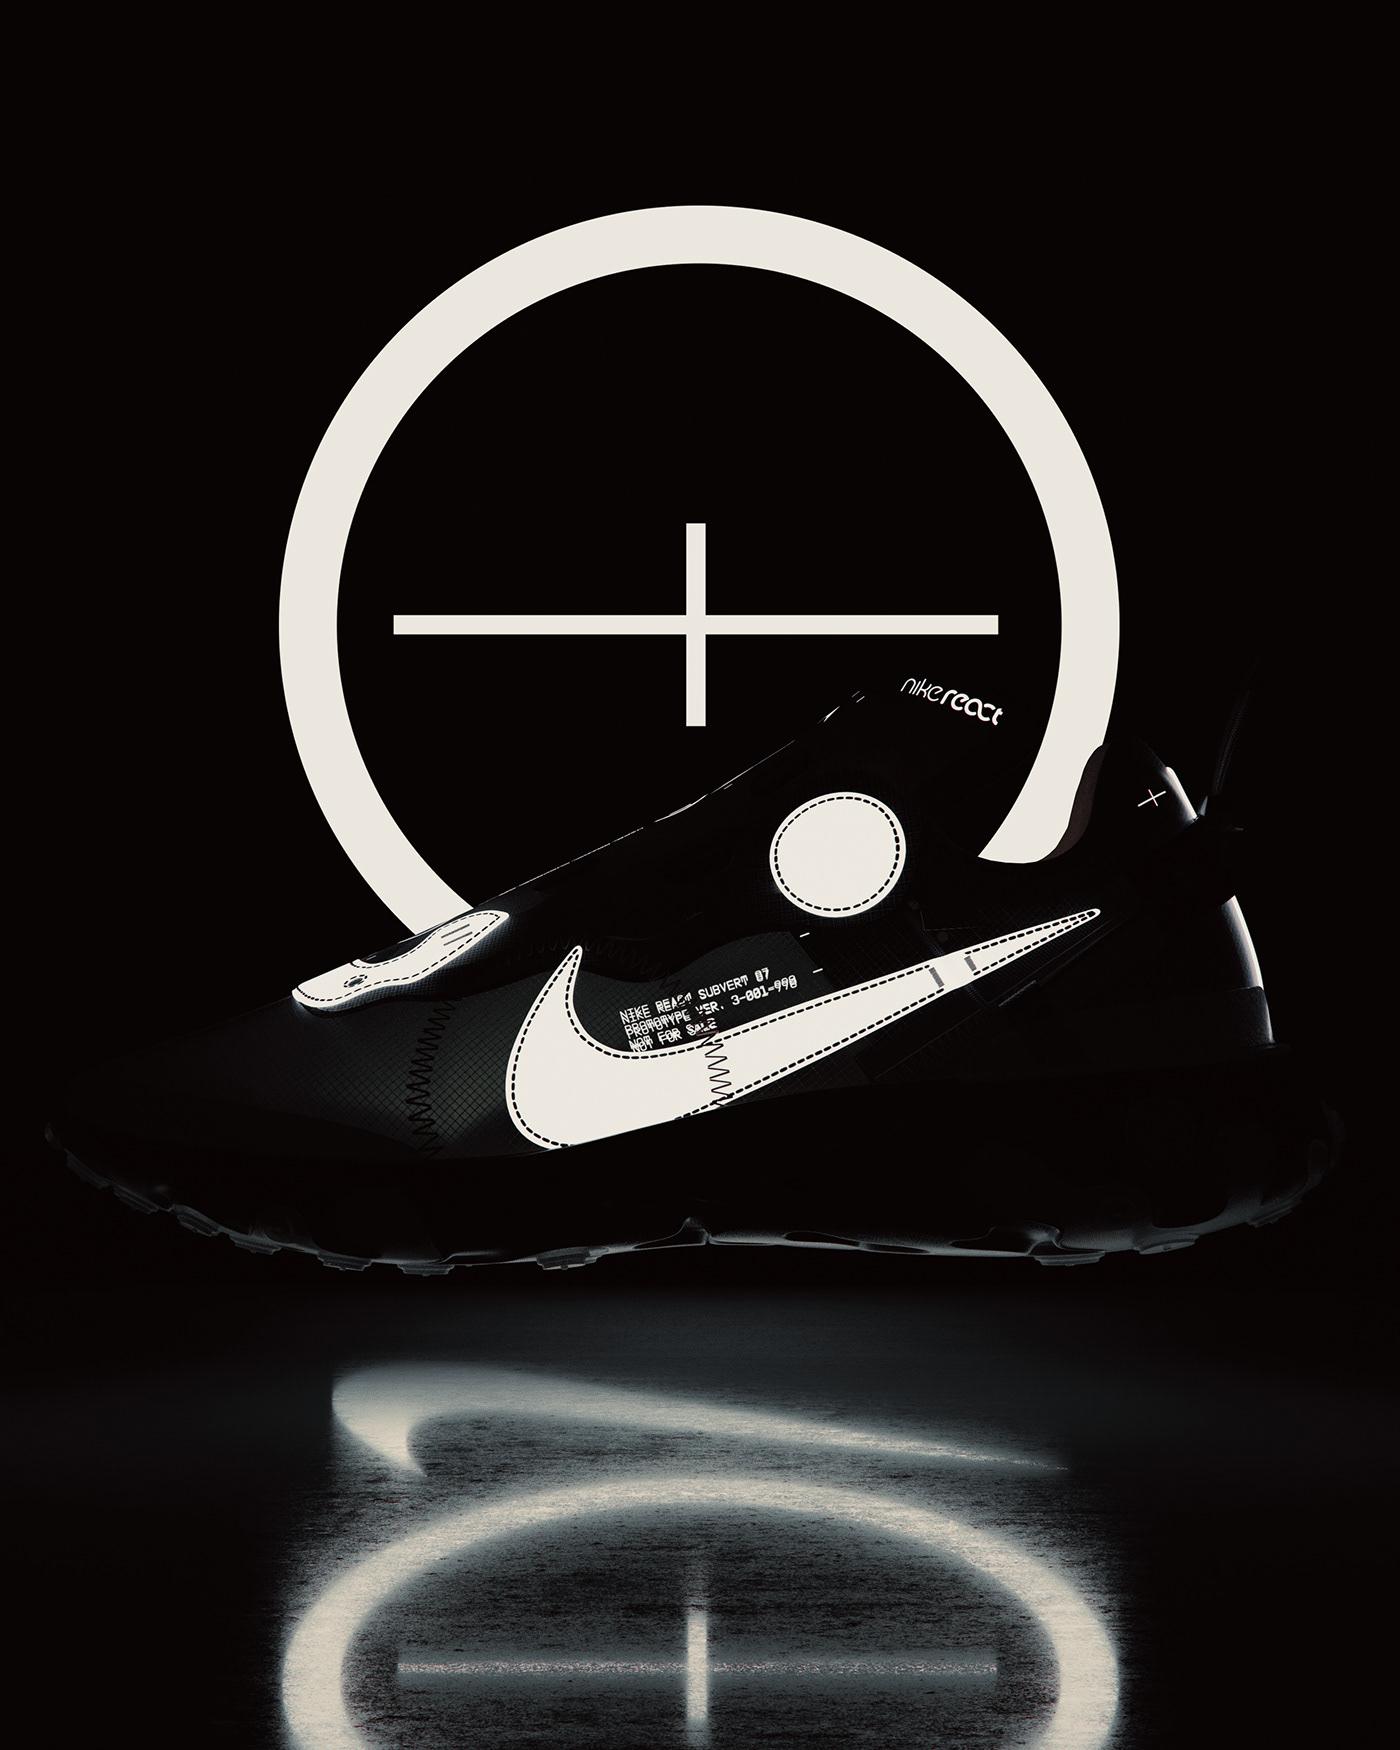 Nike footwear shoe industrial design  rendering product render Fashion  sneaker 3D Cyberpunk